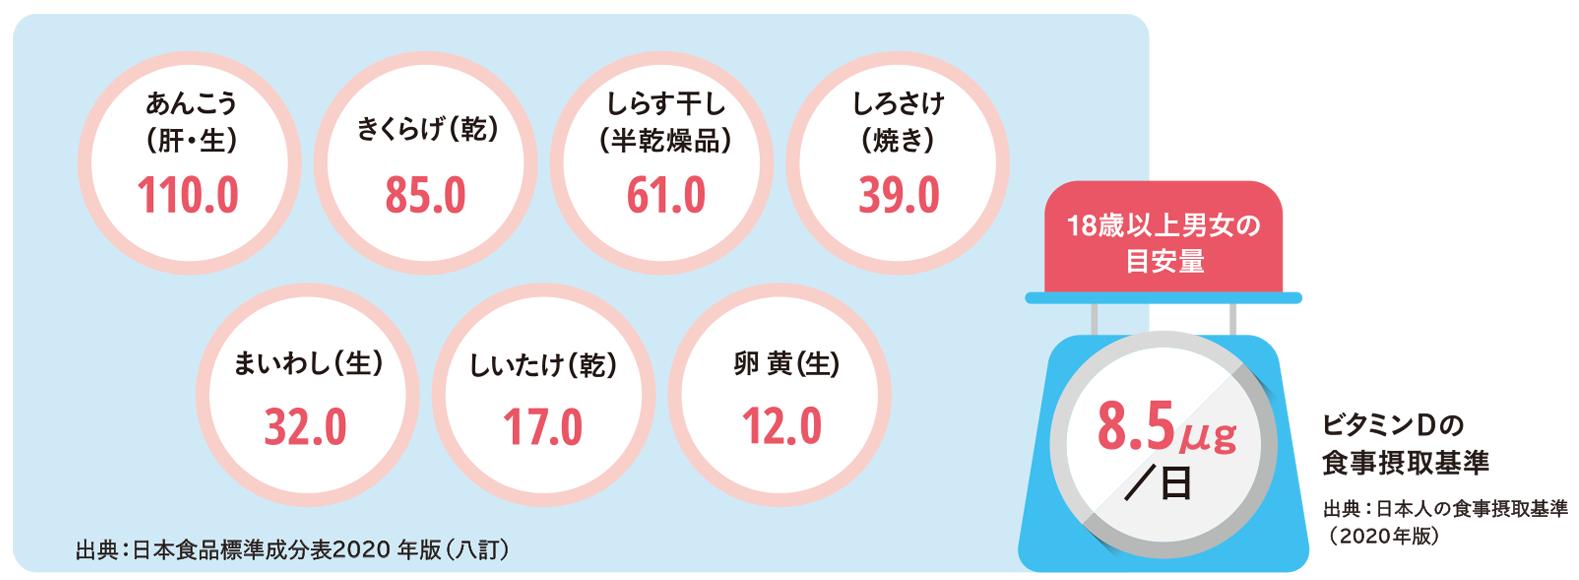 bitamin_d_chart_01.png